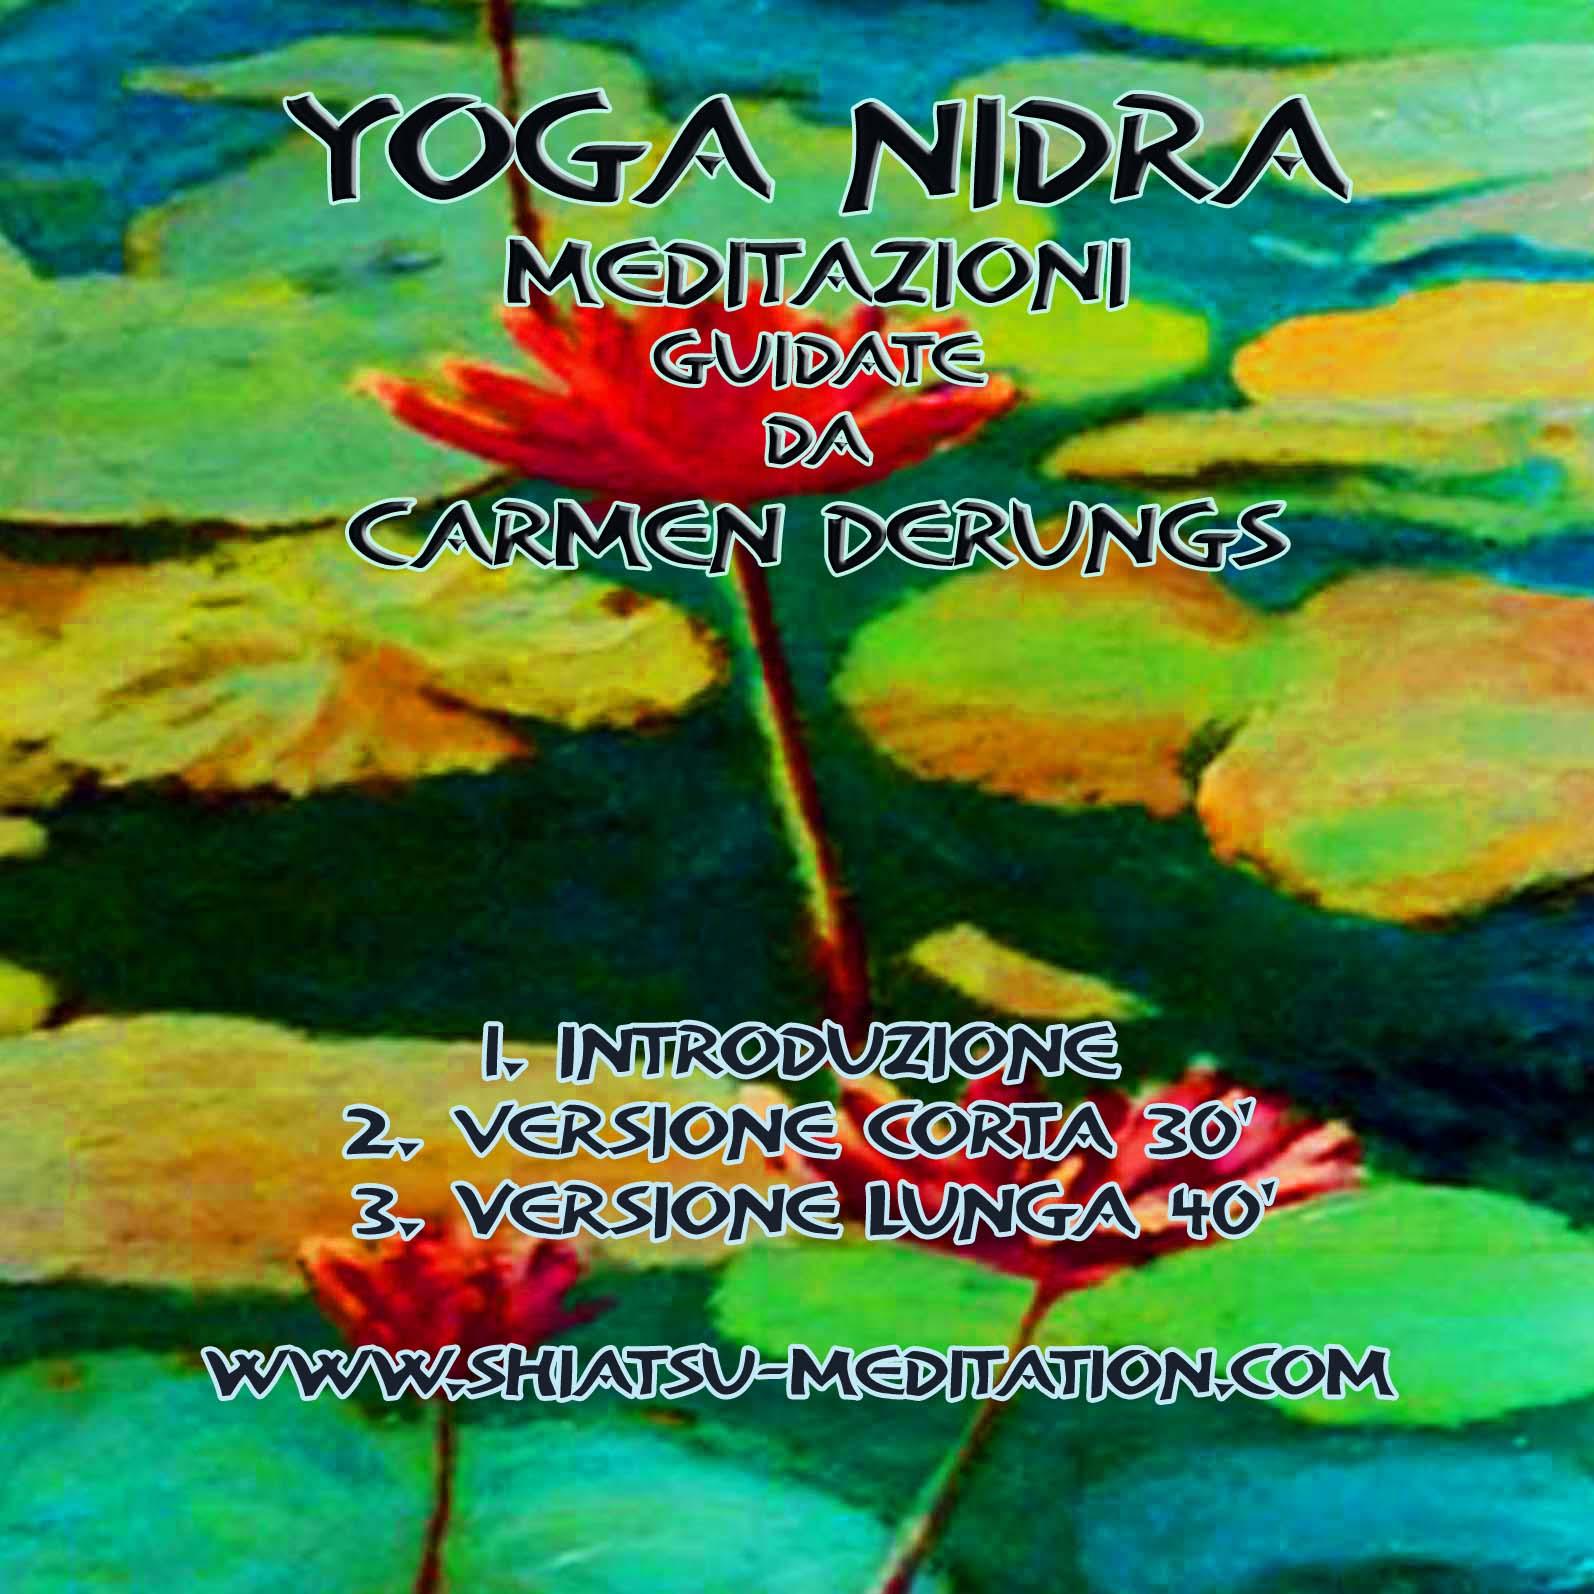 Yoga nidra breathwork / mindfulness seminari &; corsi sedute e lezioni